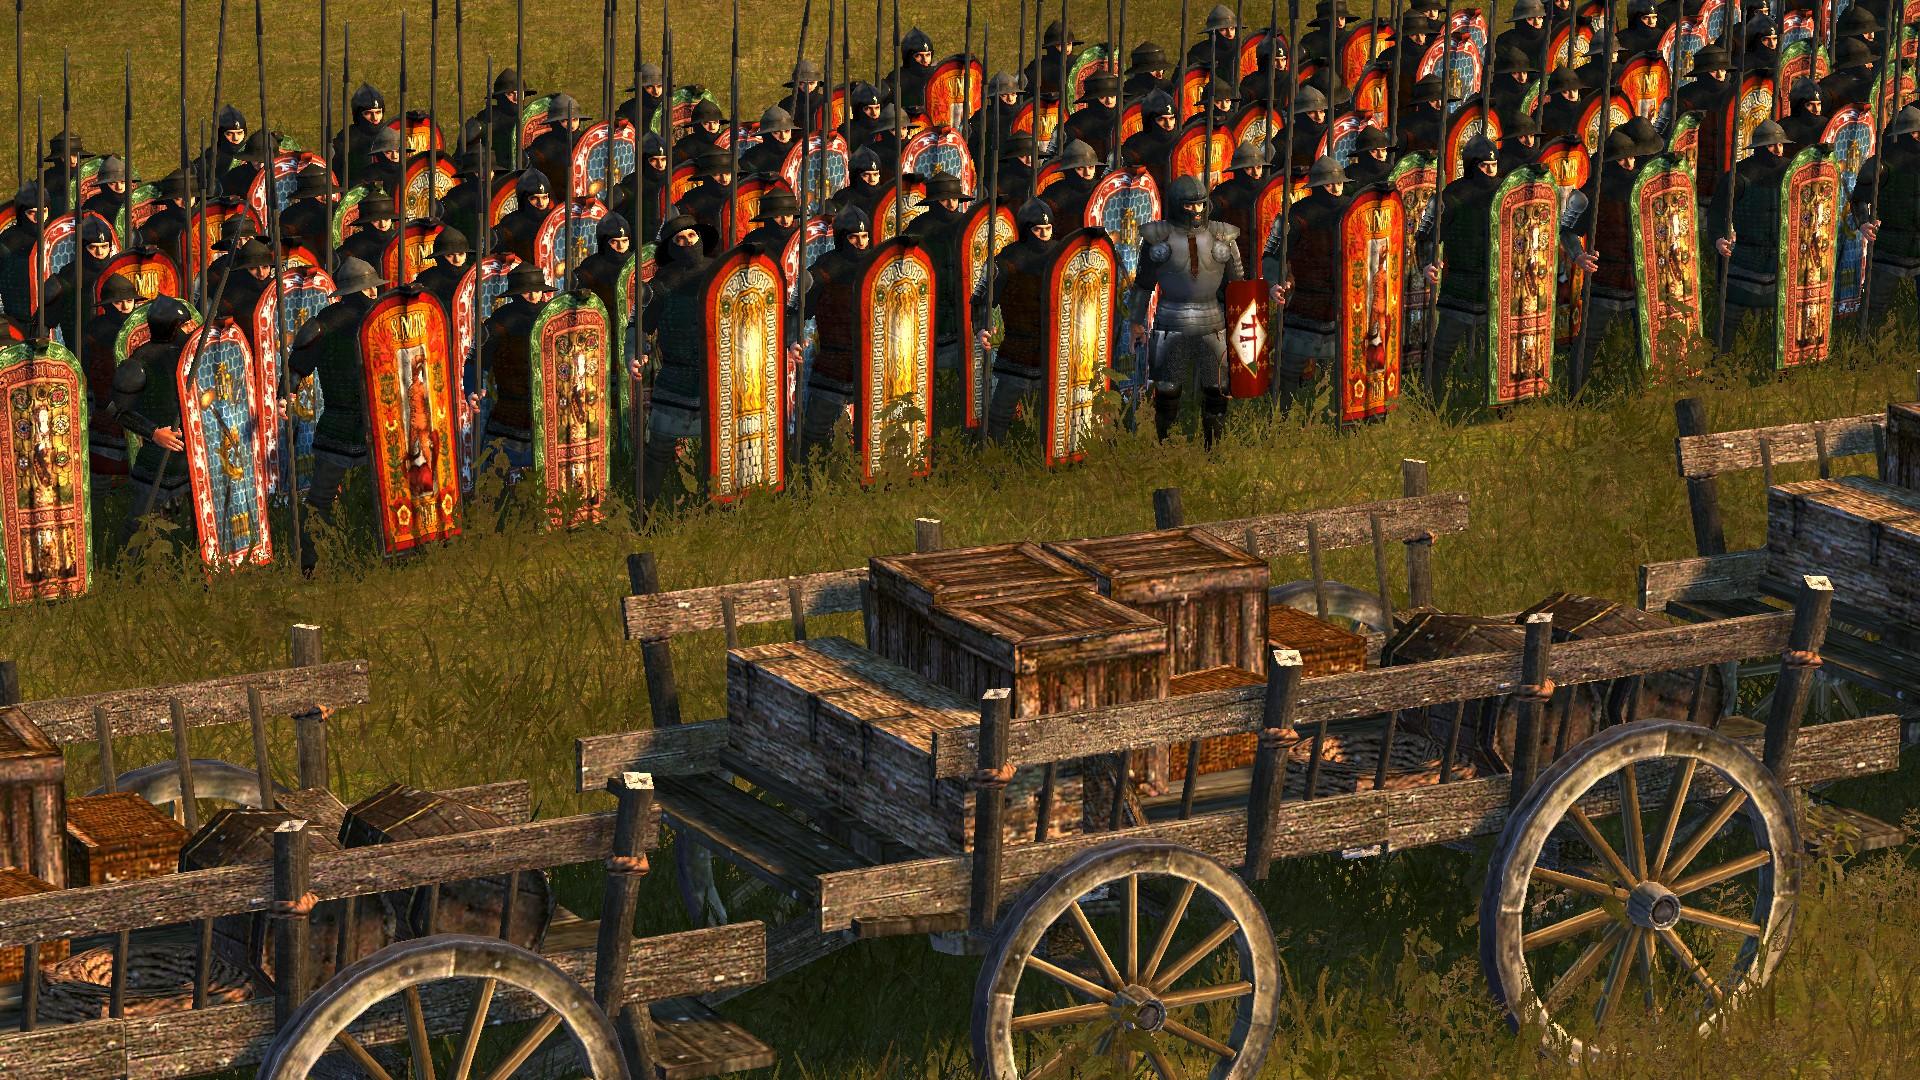 medieval 2 total war kingdoms download